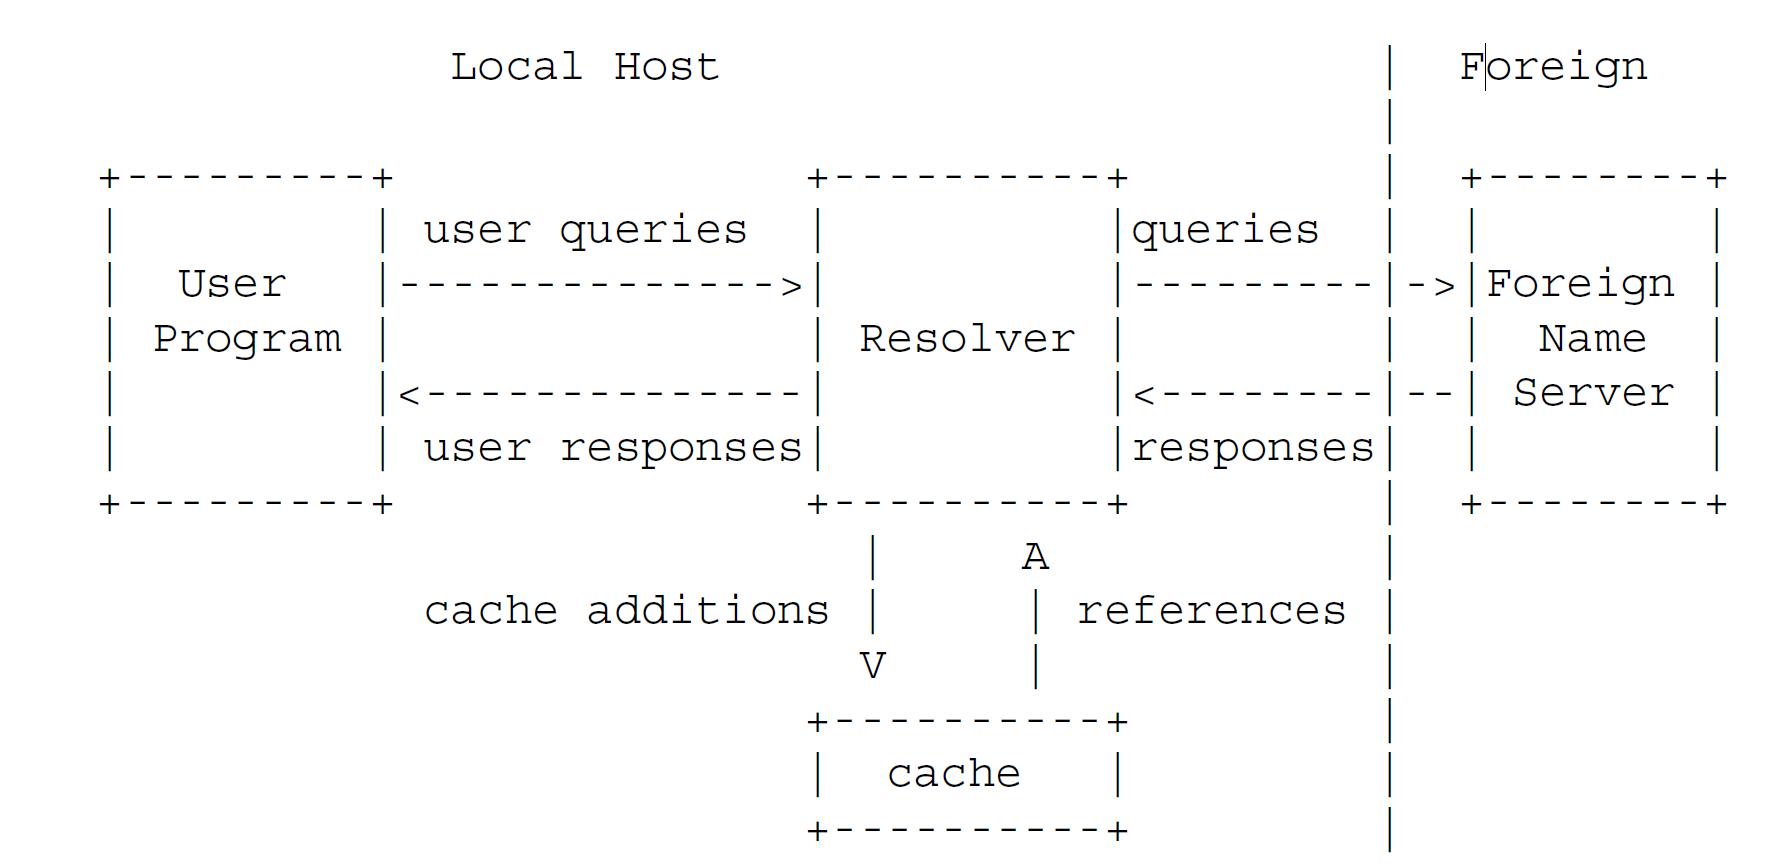 Рисунок 1 - типичная конфигурация системы доменных имён